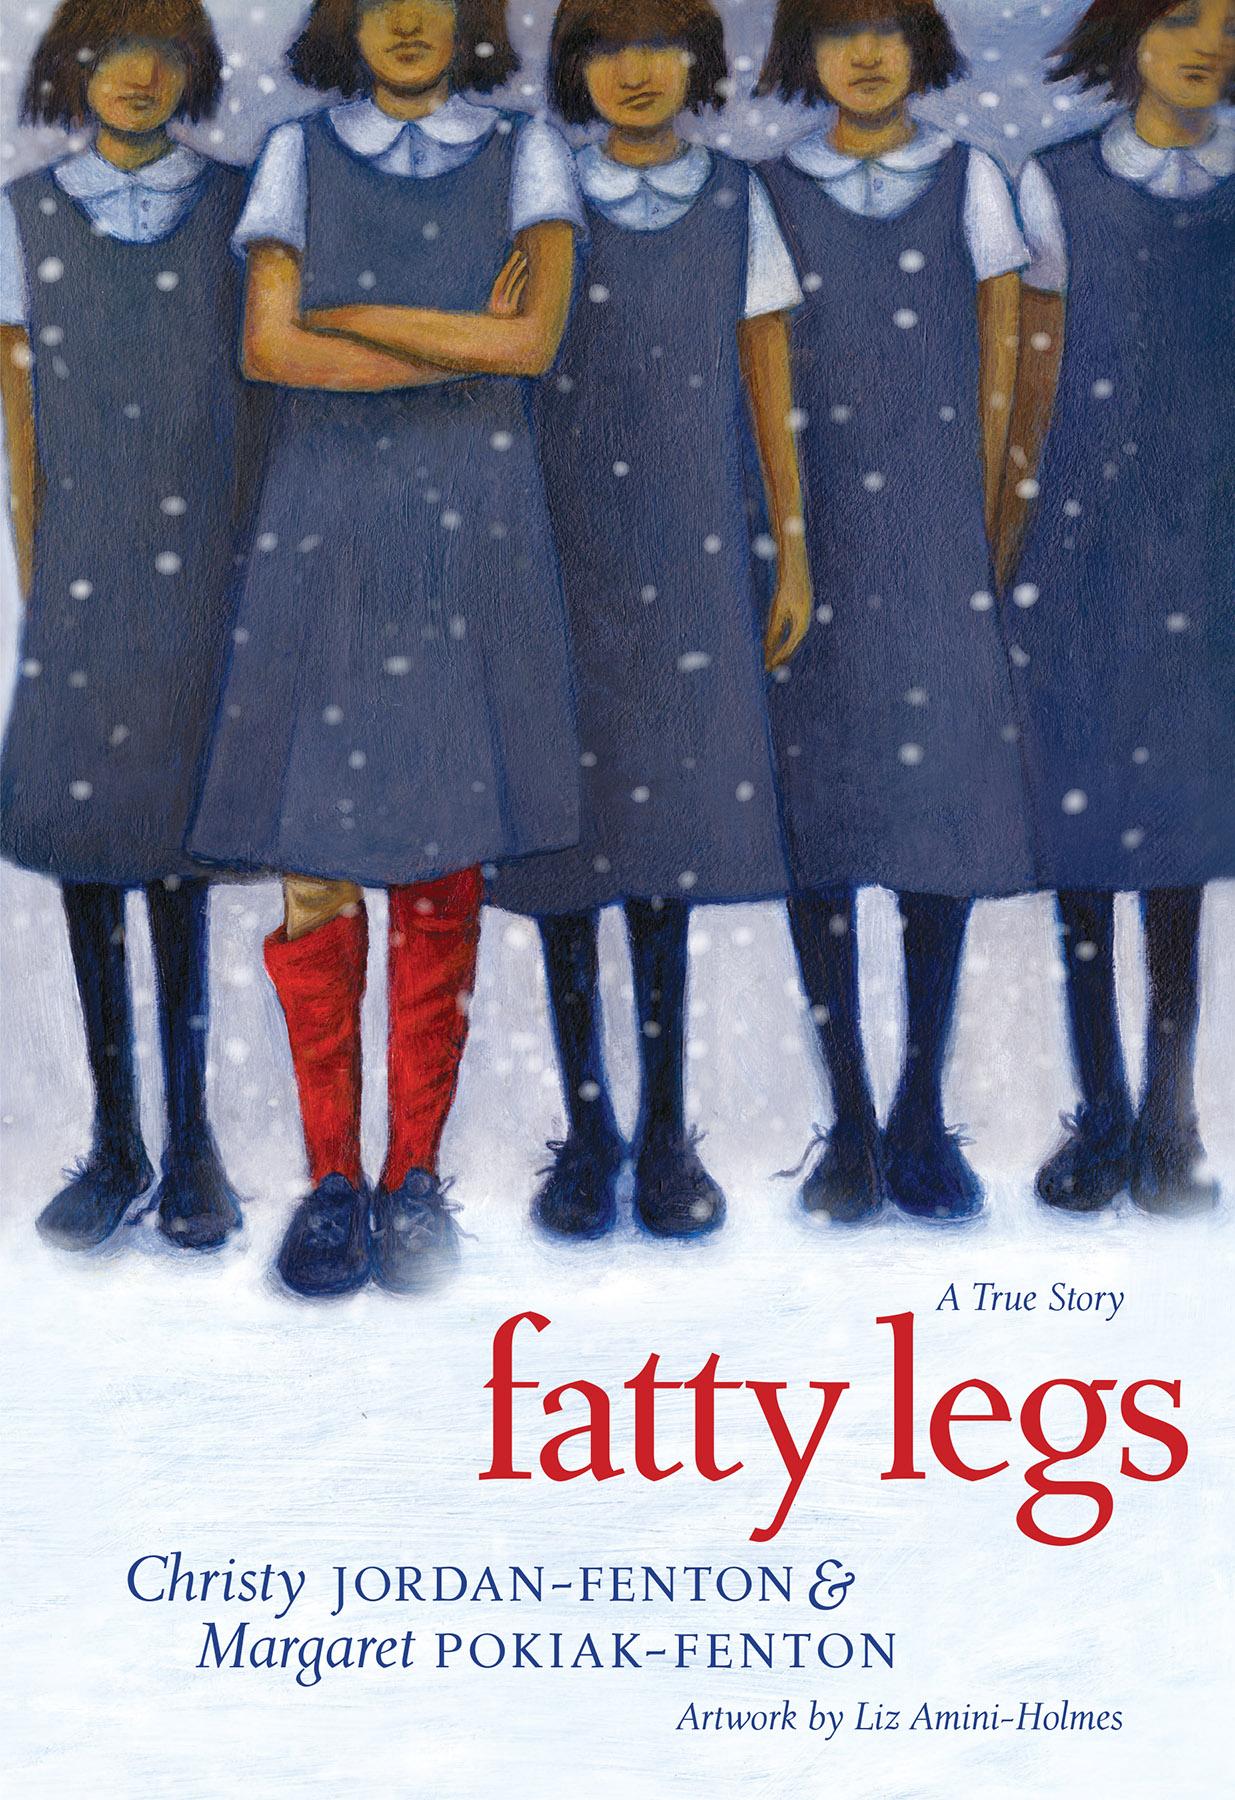 Fatty Legs by Christy Jordan-Fenton and Margaret Pokiak-Fenton, artwork by Liz Amini-Holmes